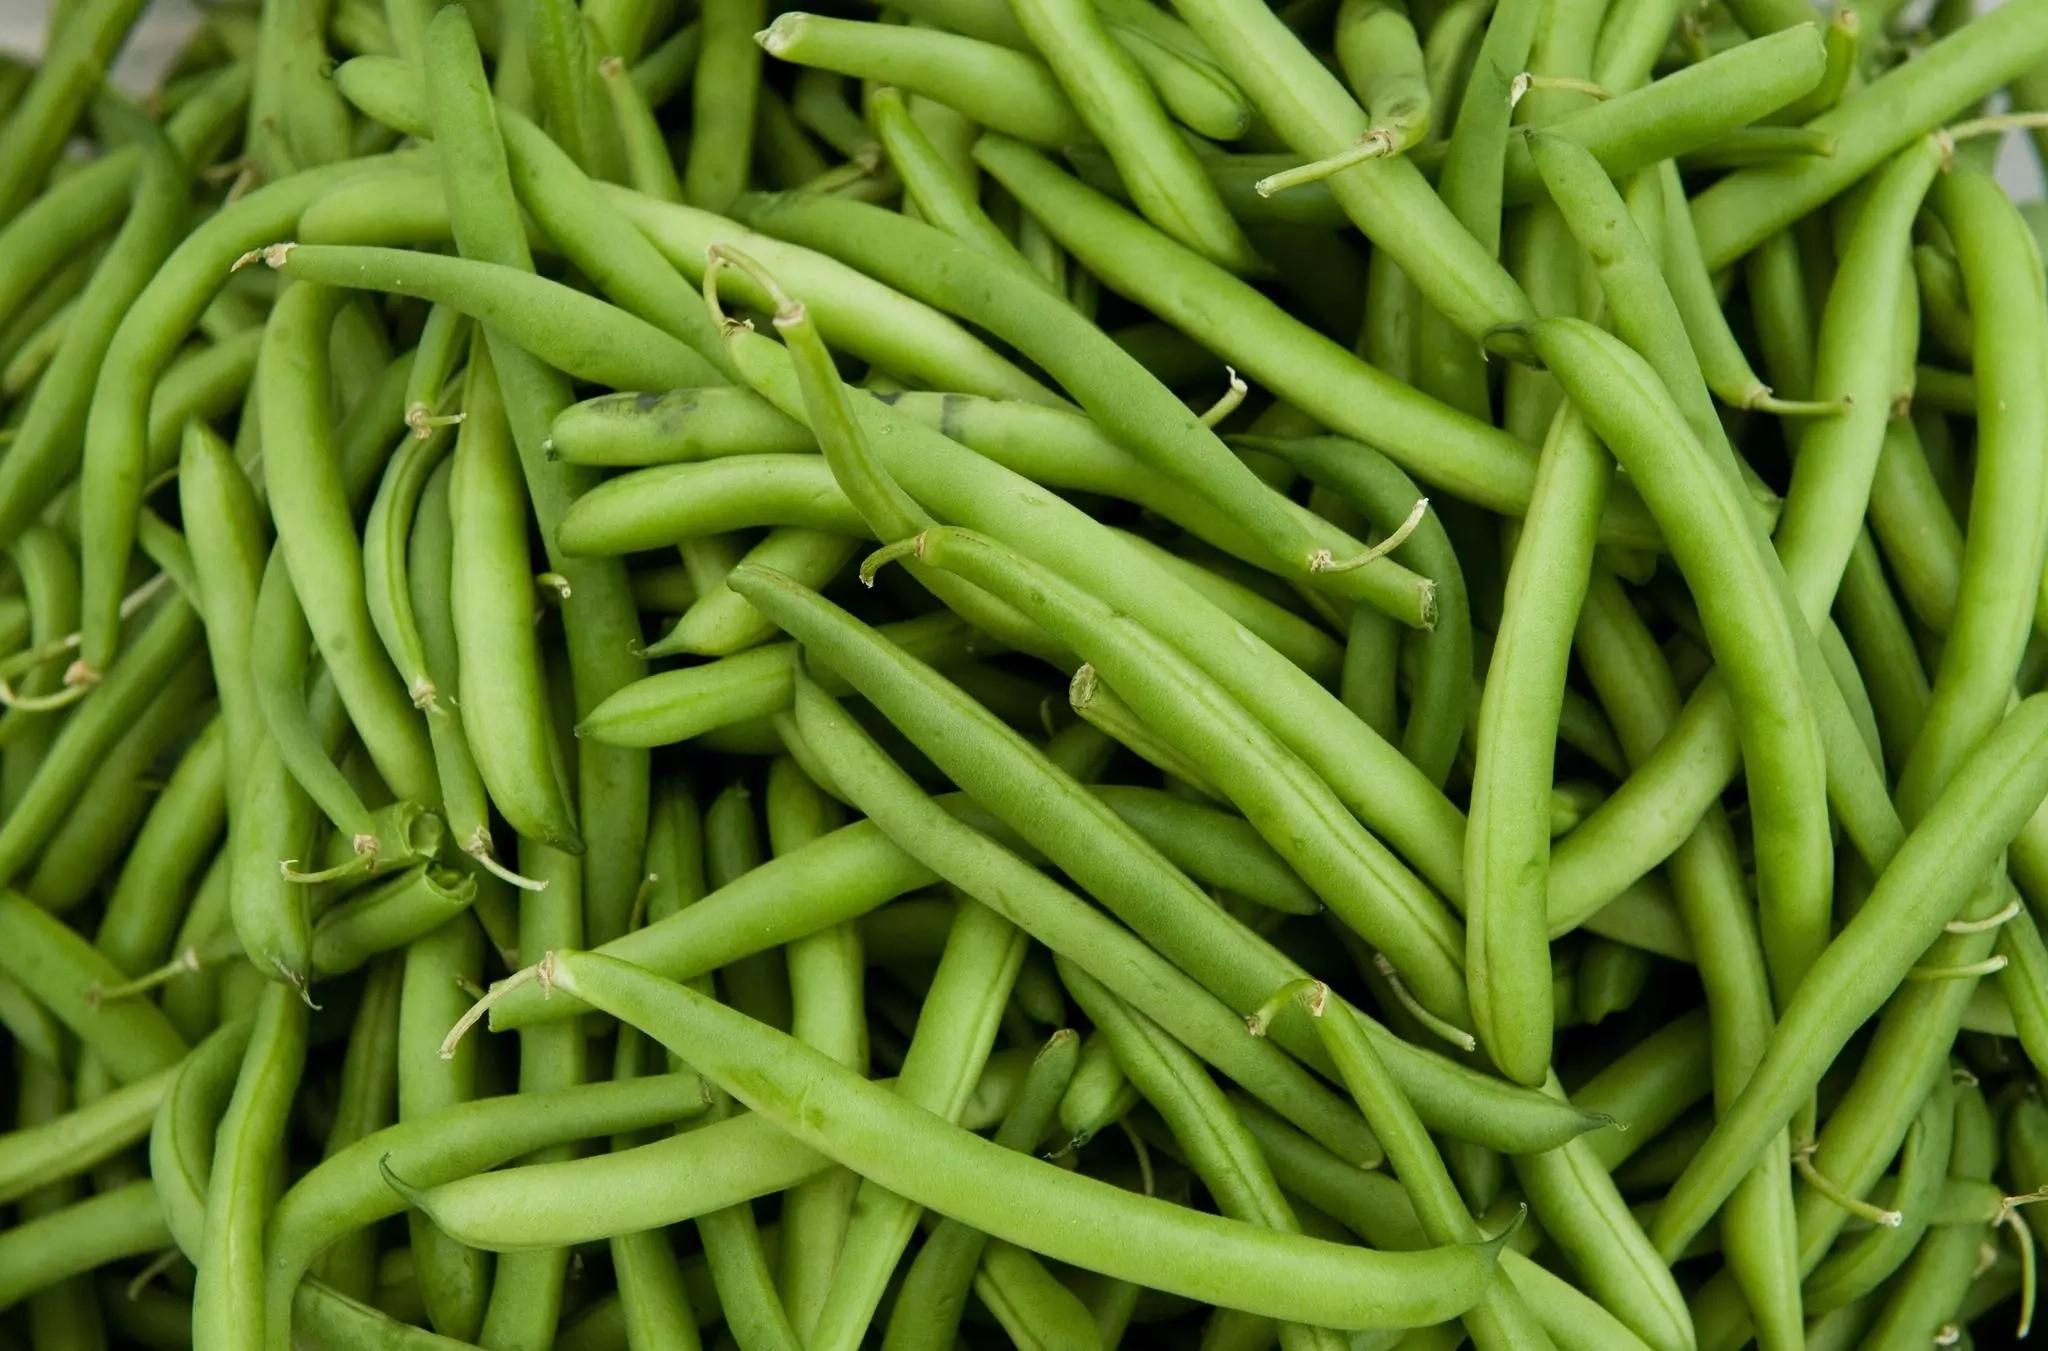 BEANS/COWPEA FARMING BUSINESS PLAN IN NIGERIA